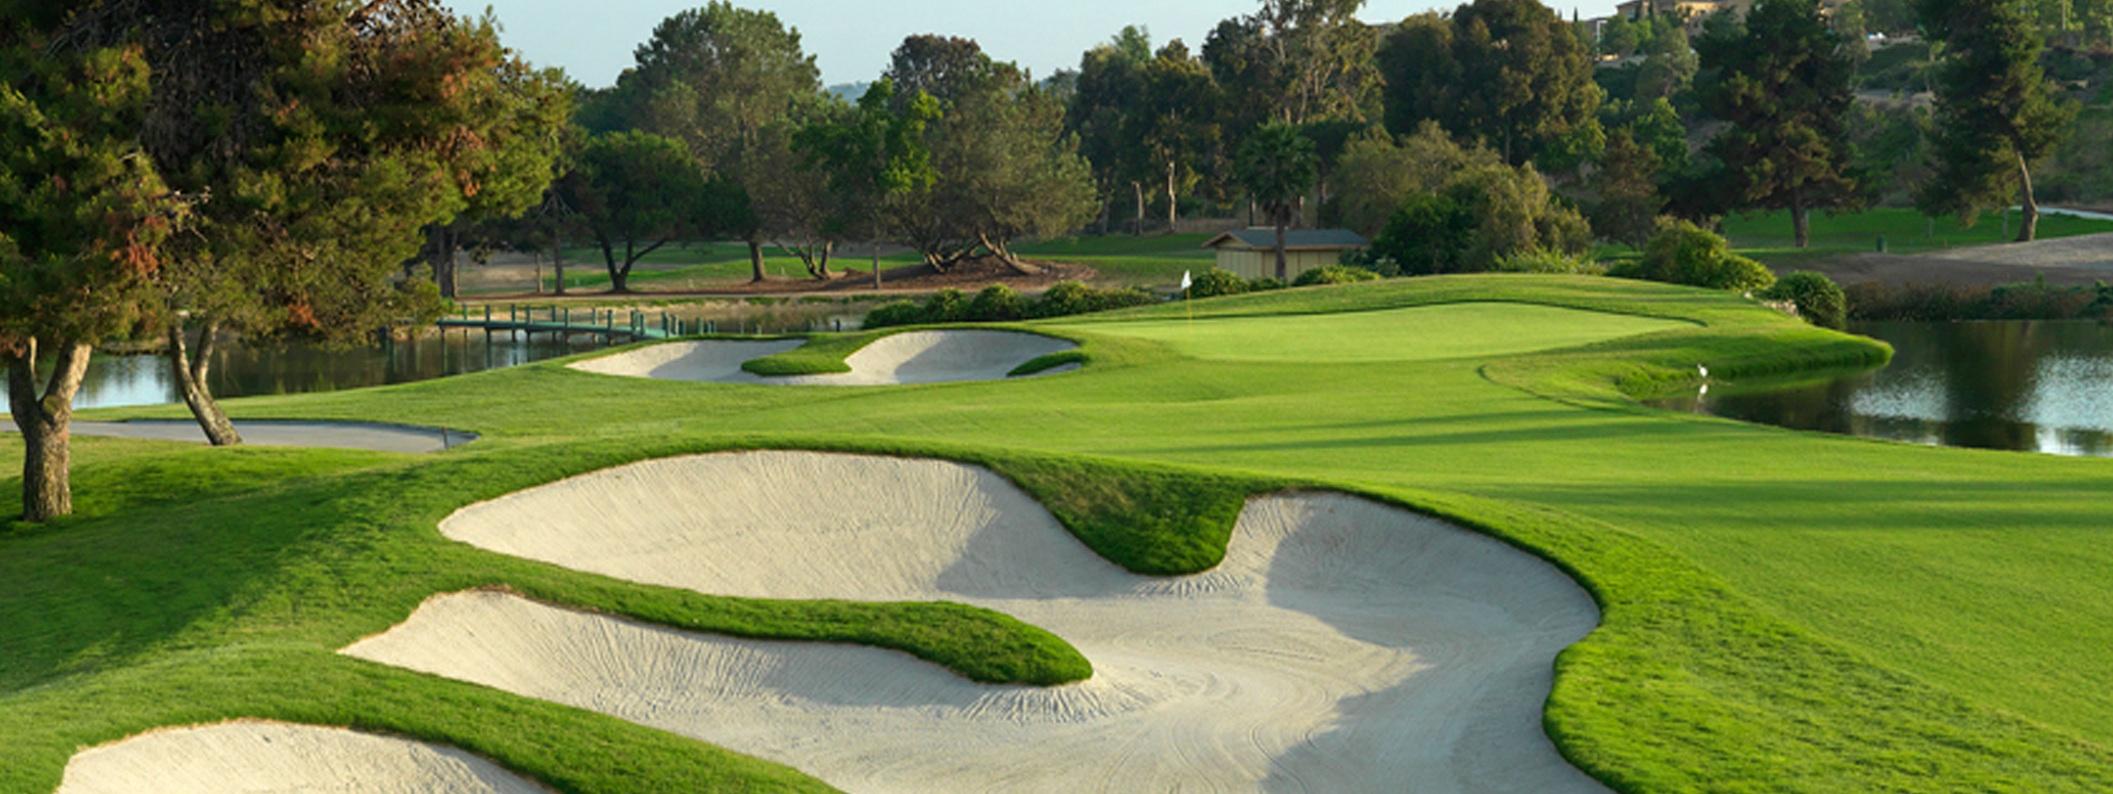 knollwood country club california golf schools in san diego